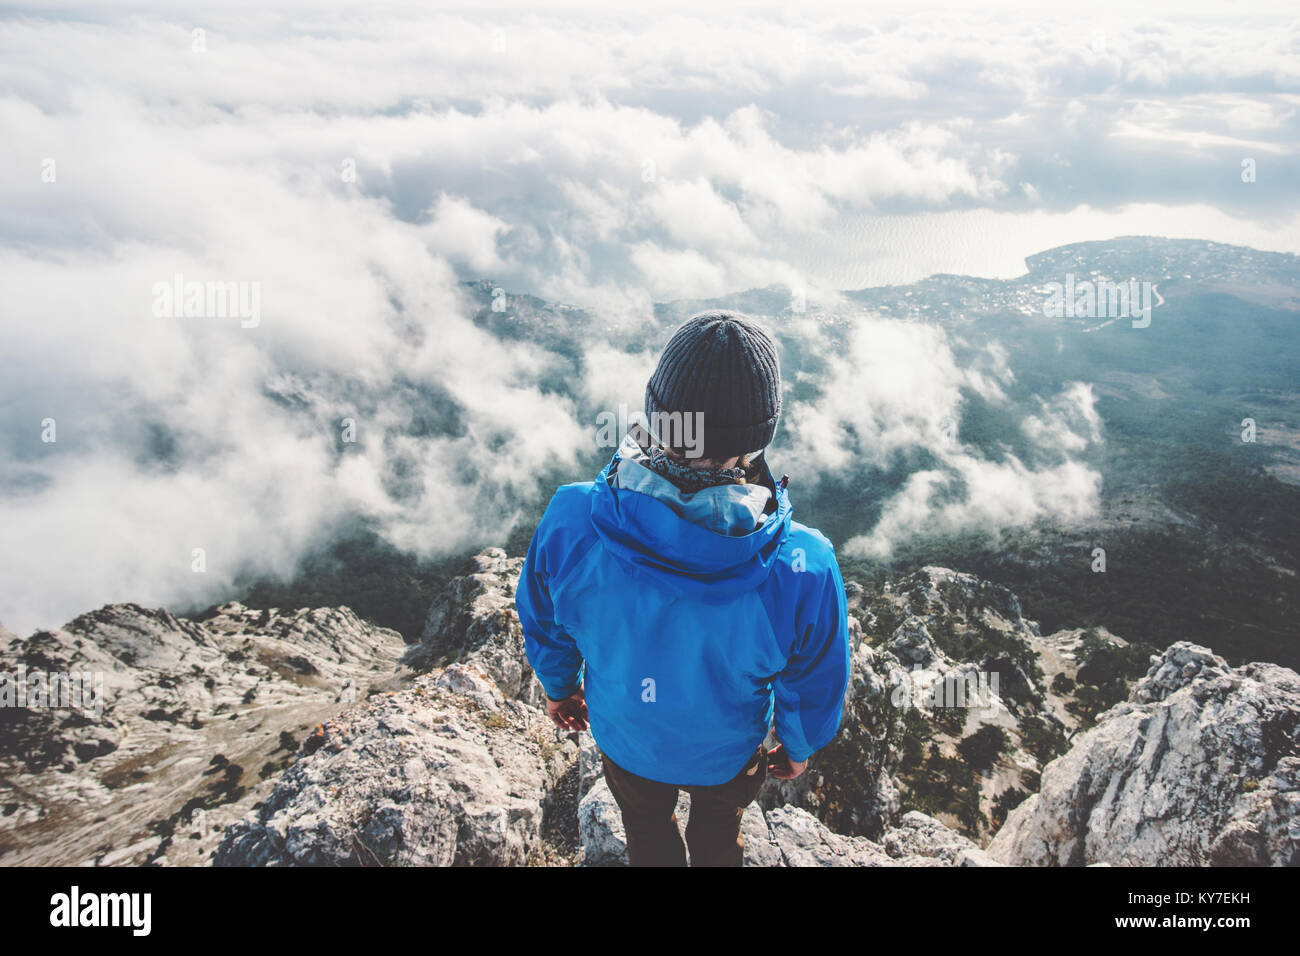 Mann auf der Klippe mit Blick über die Wolken allein Reisen Lifestyle Konzept Abenteuer aktiv Urlaub Outdoor Stockbild